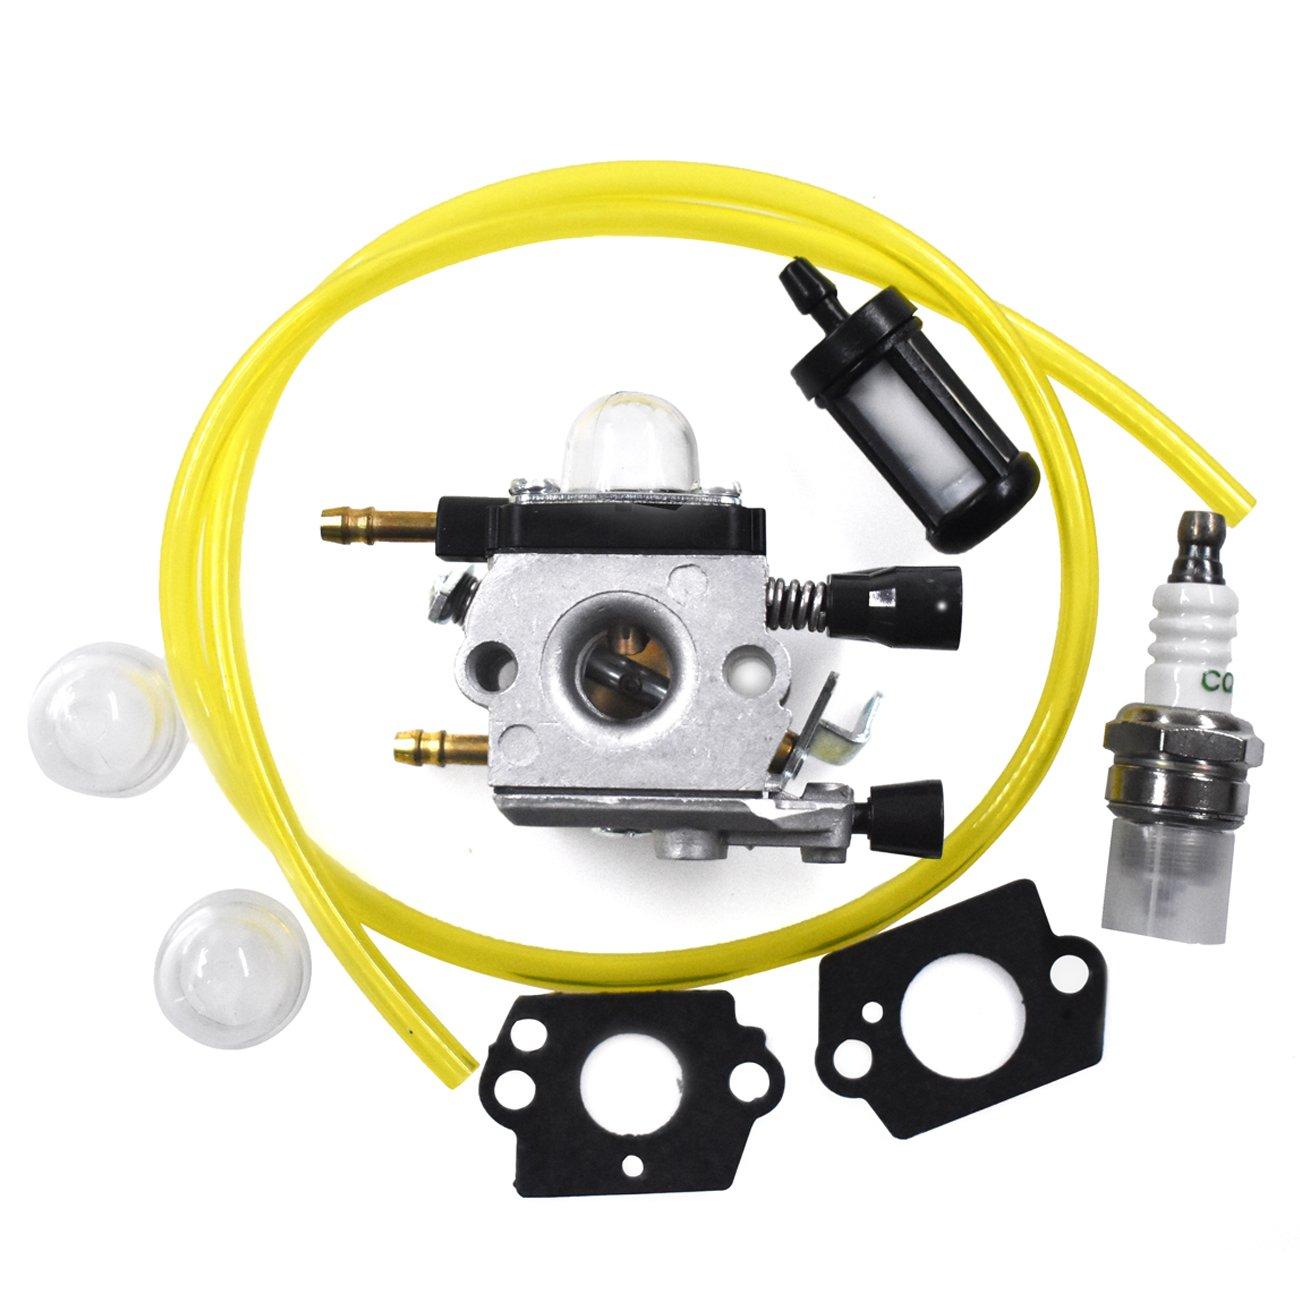 JRL Carburetor Carb For ZAMA C1Q-S68G Stihl BG45 BG55 BG65 BG85 Blower 42291200606